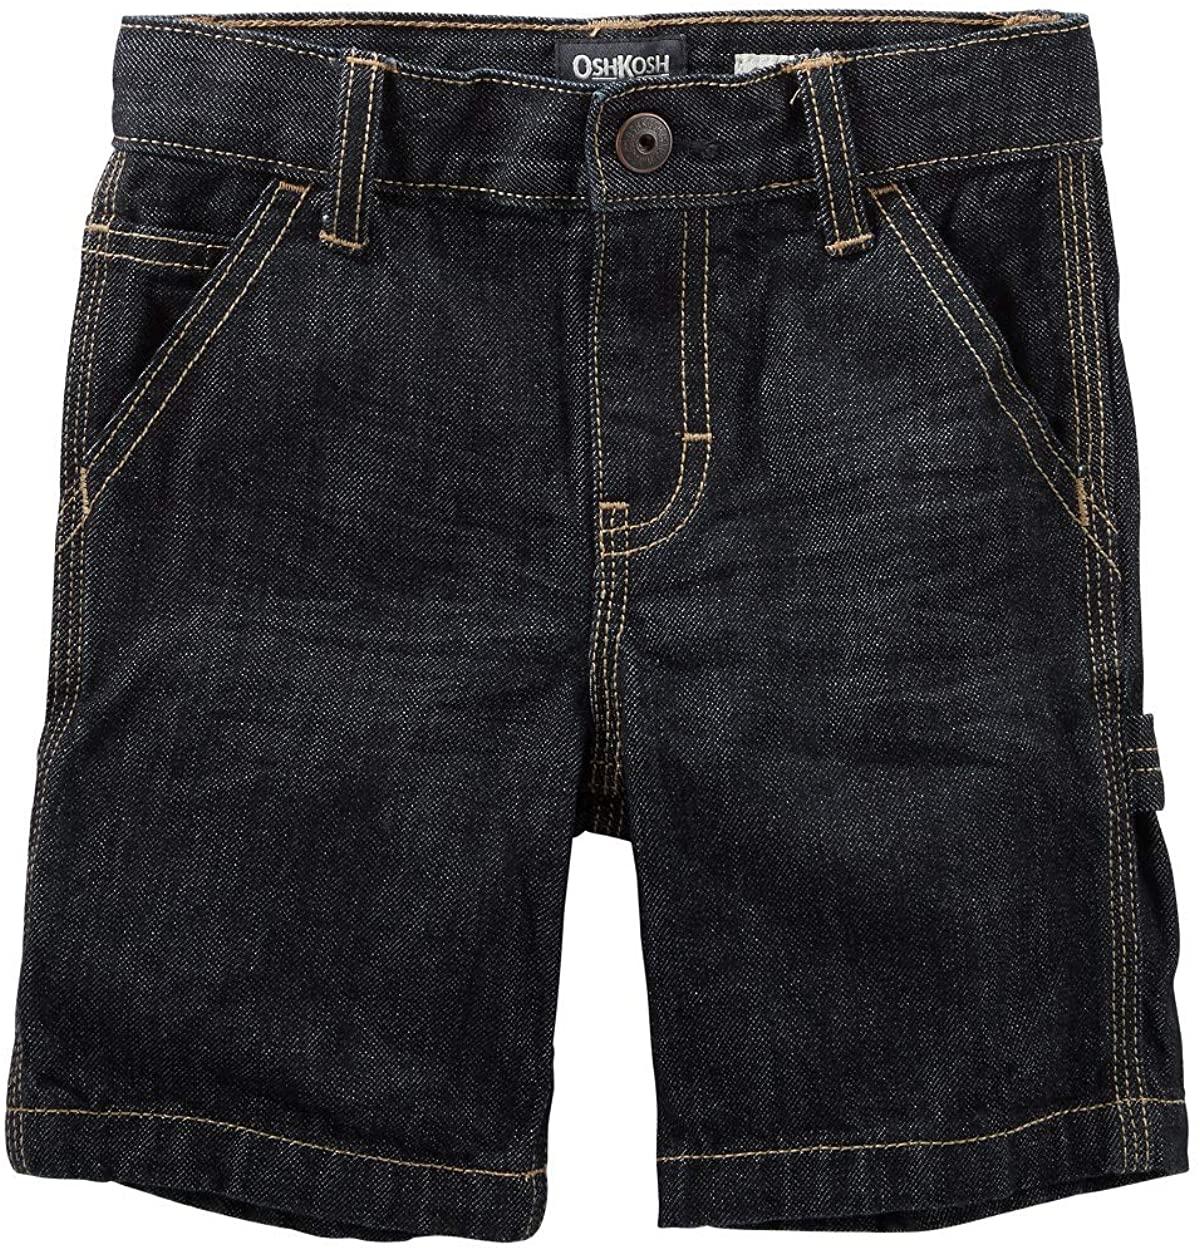 OshKosh B'Gosh Big Boys' Denim Carpenter Shorts - River Dark Wash, 12 Regular